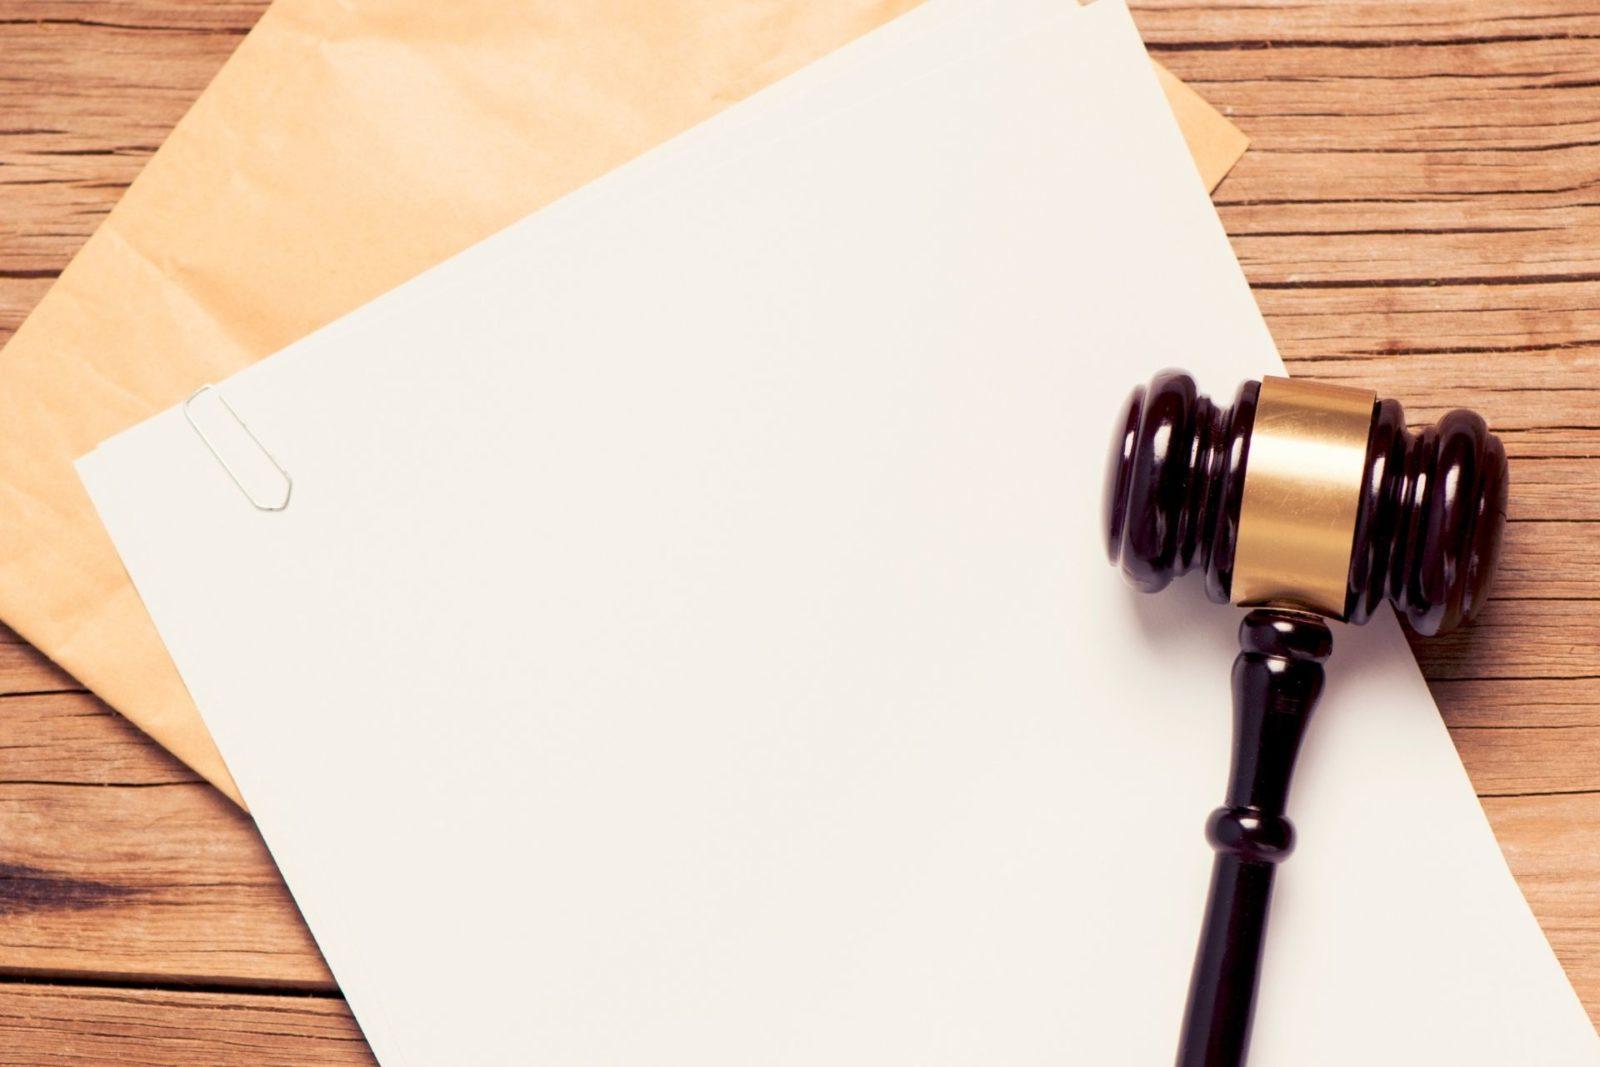 documentos martelo justica deposito judicial como consultar precato precatorio